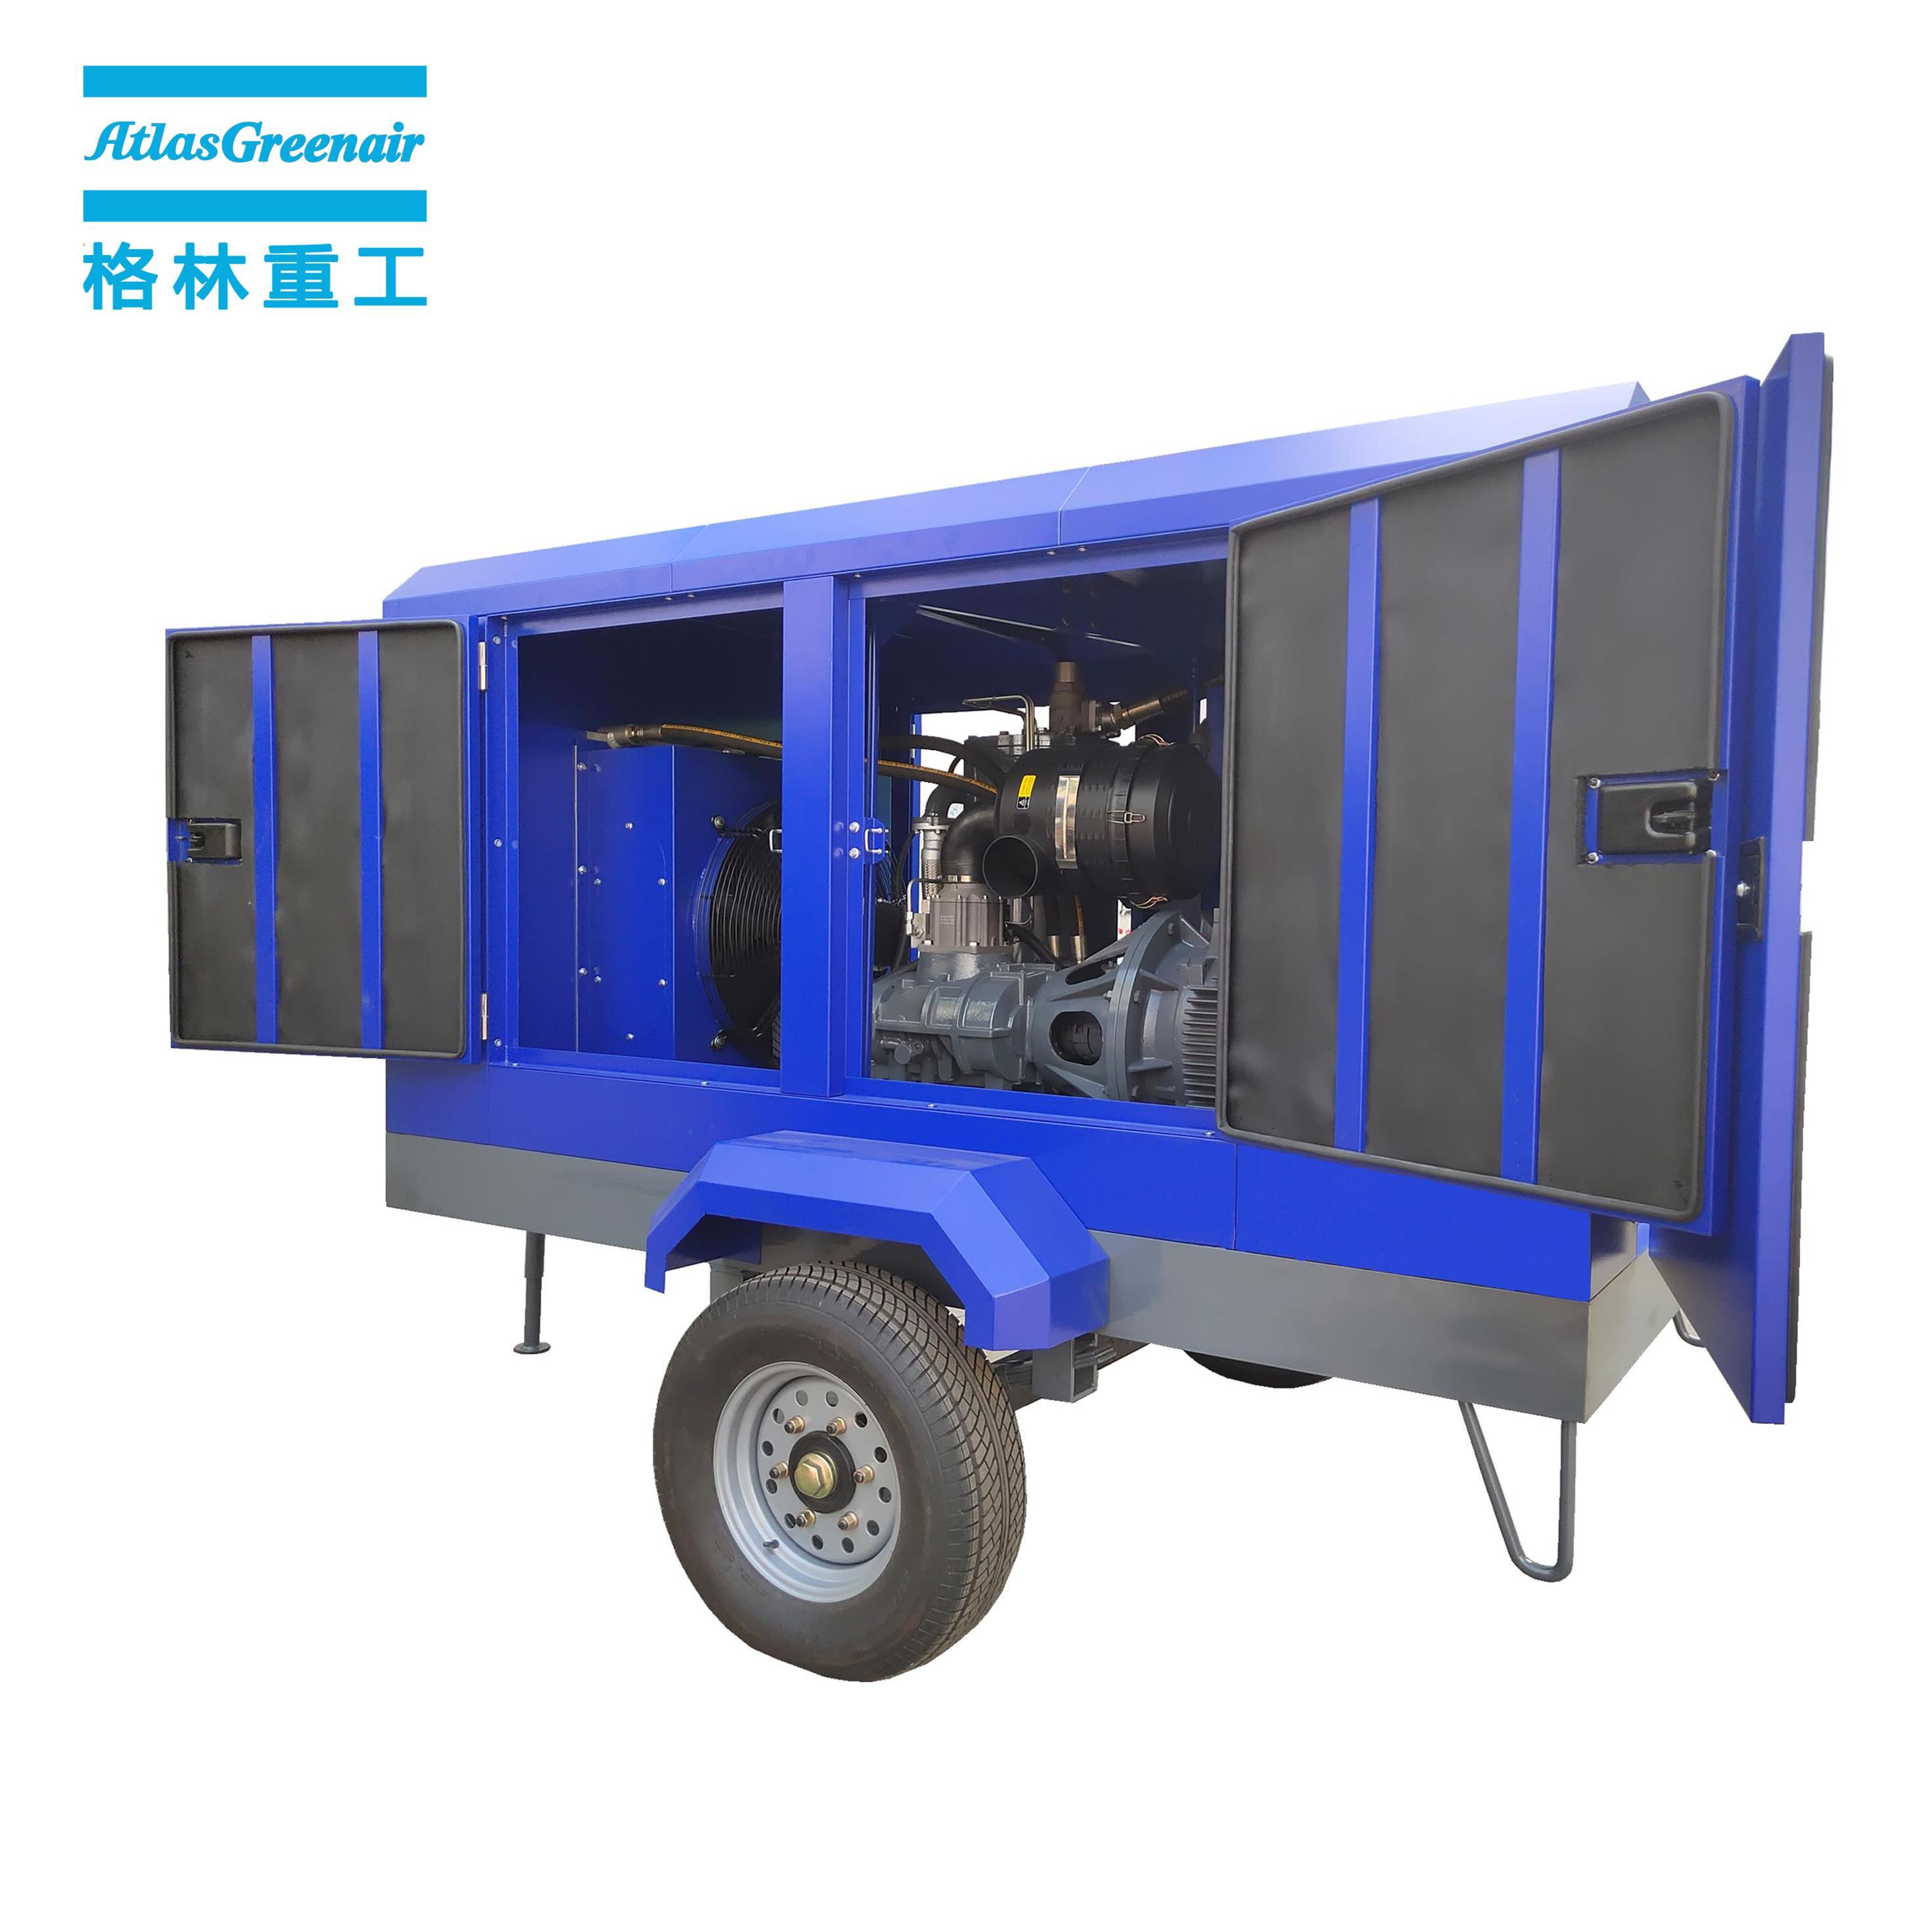 Atlas Greenair Screw Air Compressor wholesale electric rotary screw air compressor with intelligent control system for tropical area-1